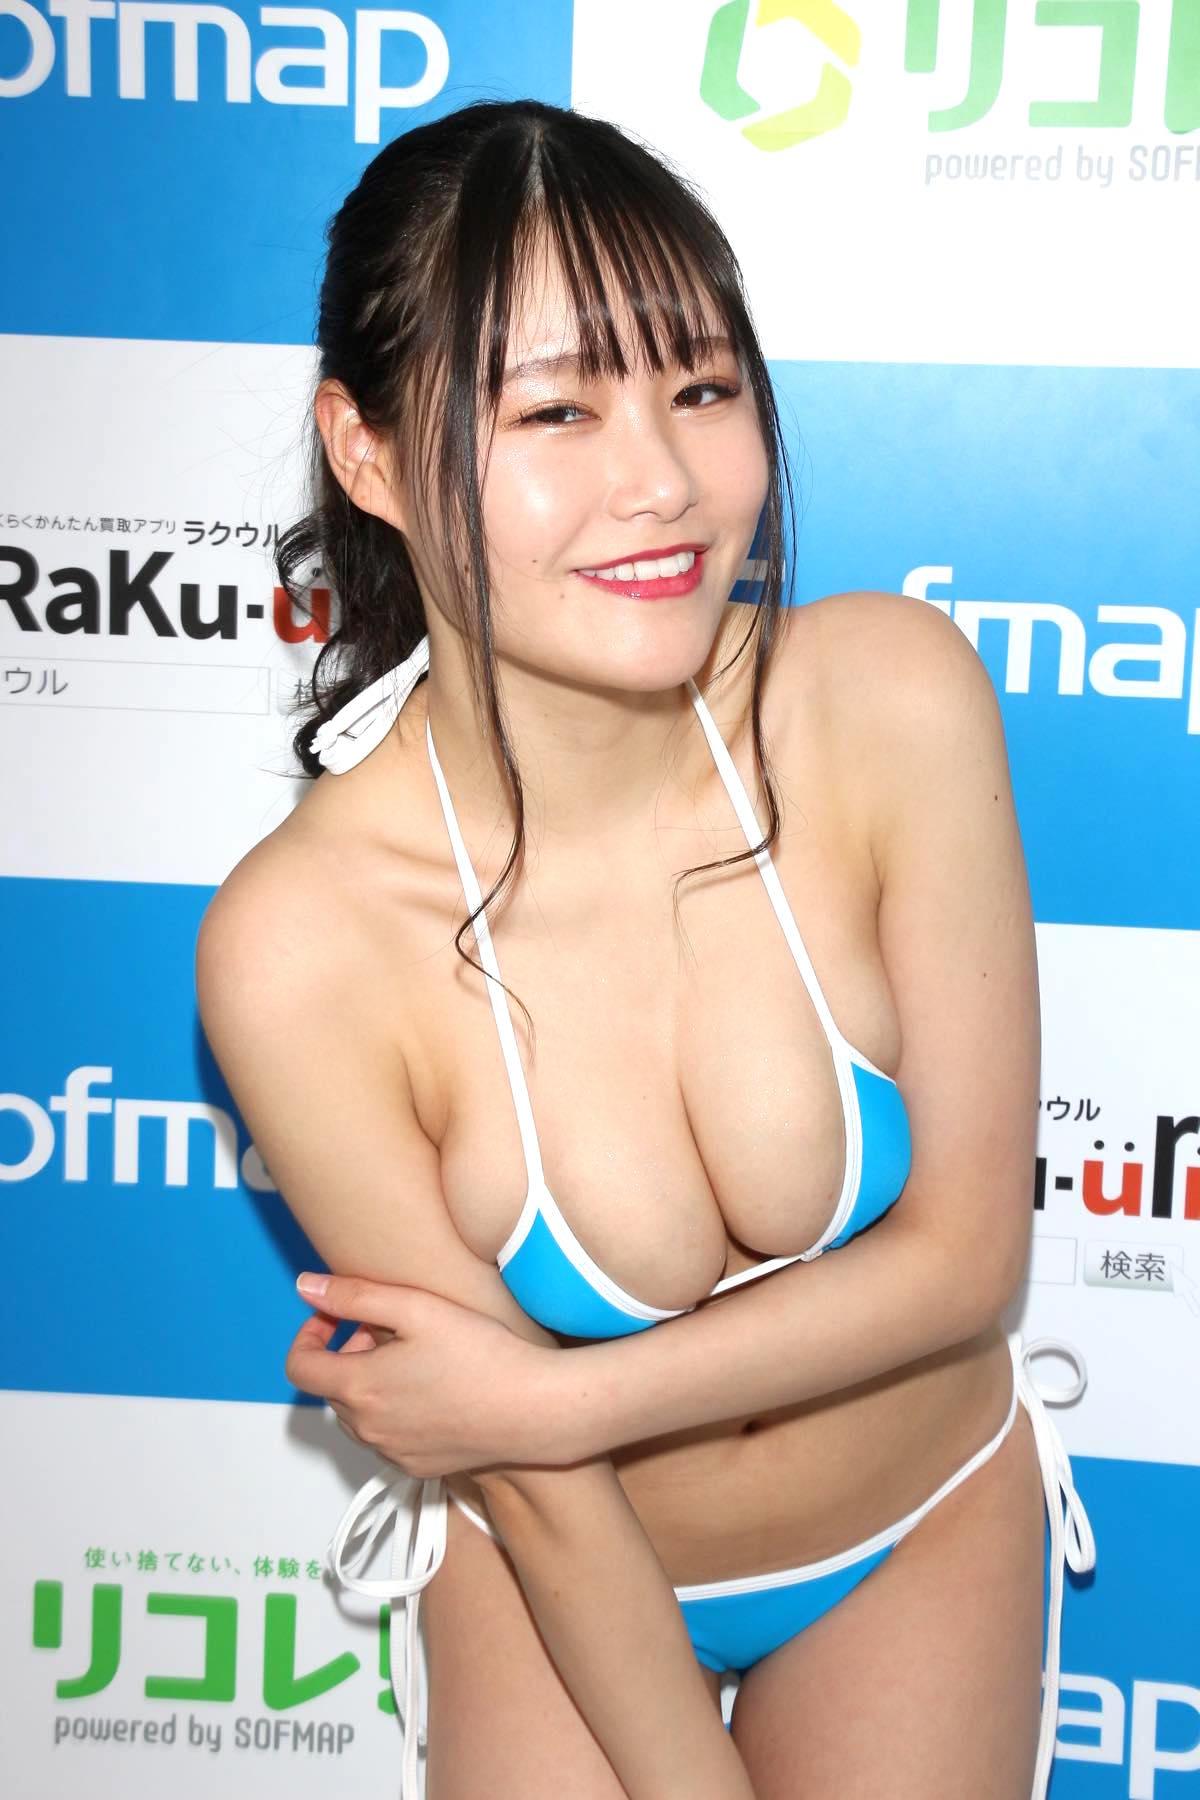 東坂みゆ「ロケット爆乳」がダンスで揺れて弾ける!【写真42枚】の画像023